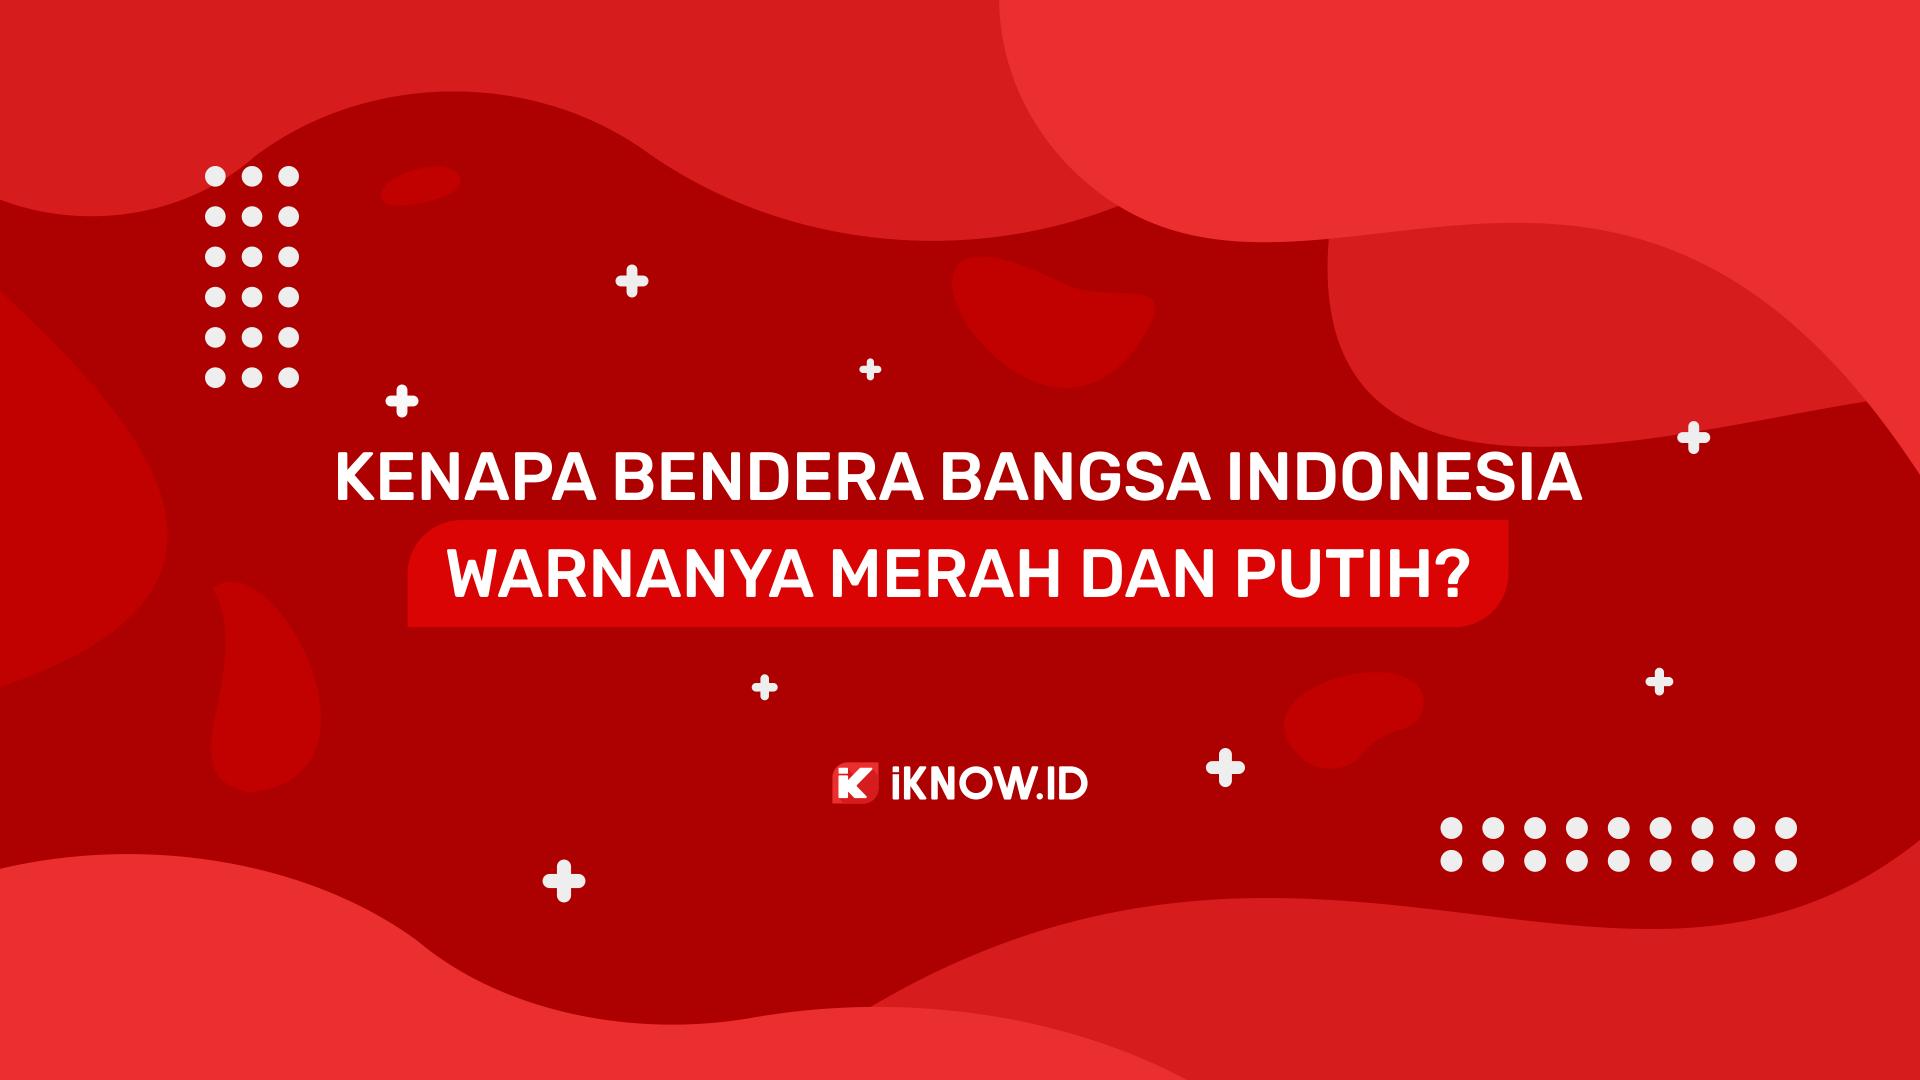 Kenapa Bendera Indonesia Warnanya Merah dan Putih?